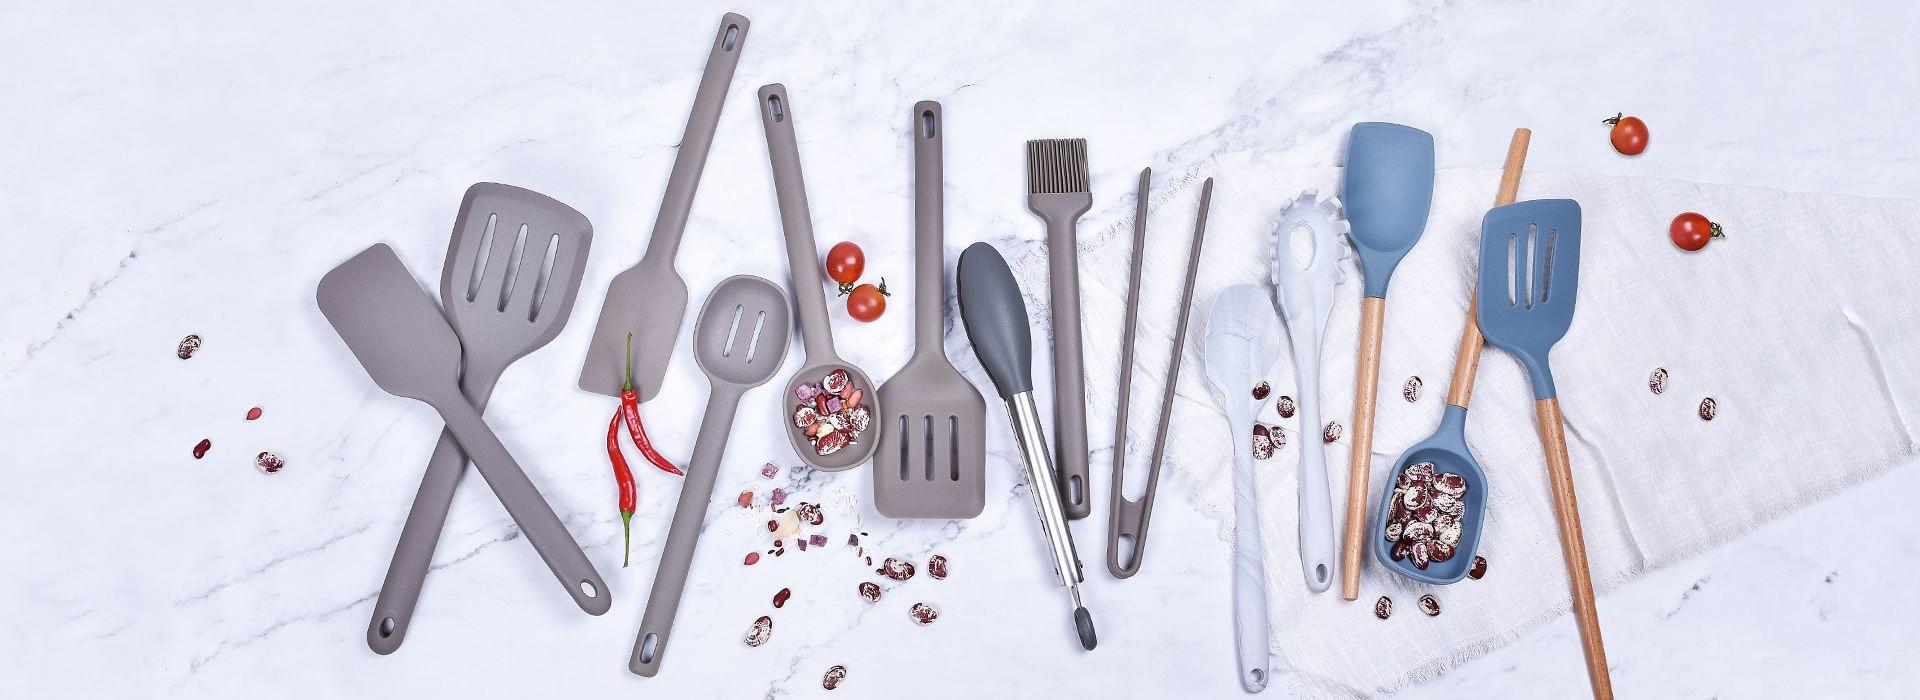 硅胶厨具餐具